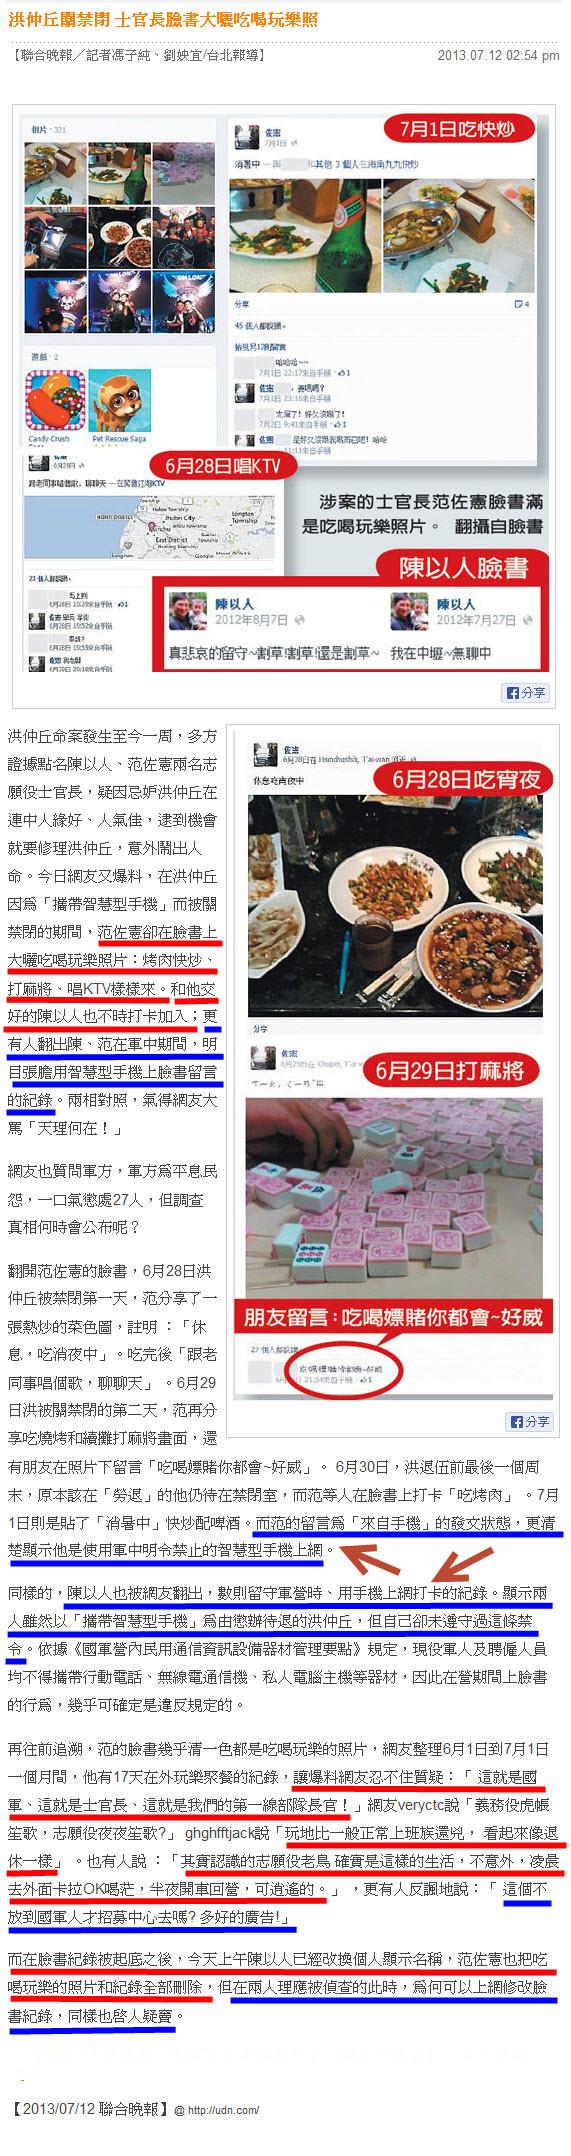 洪仲丘關禁閉 士官長臉書大曬吃喝玩樂照 -2013.07.12-01.jpg